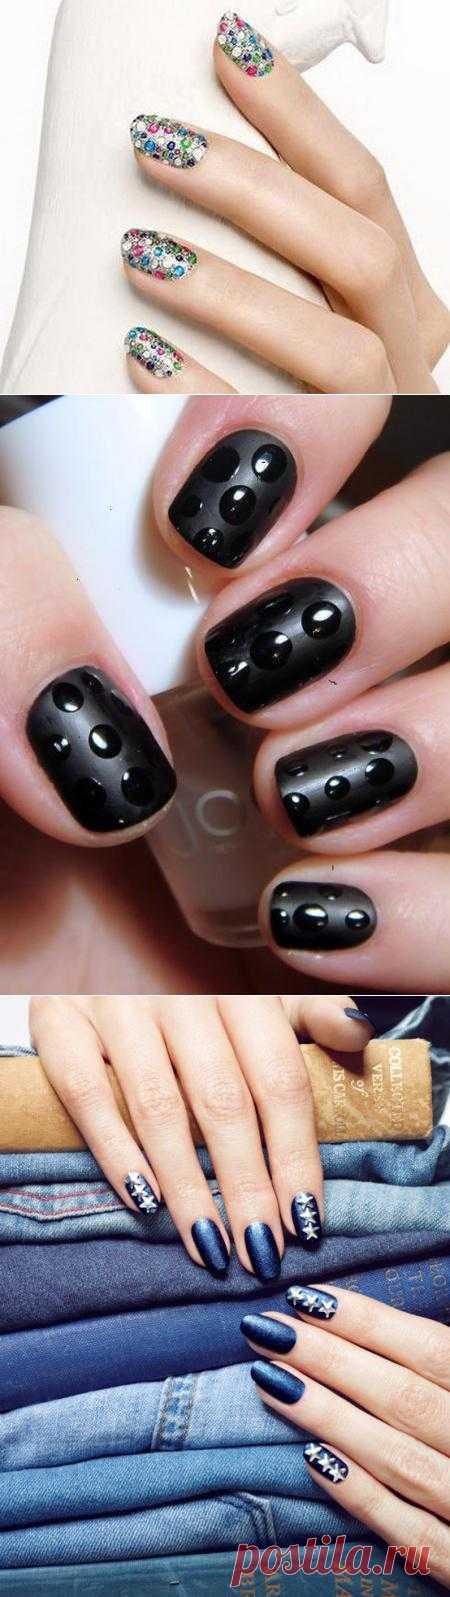 Еще больше дизайна и граффического рисунка на ногтях